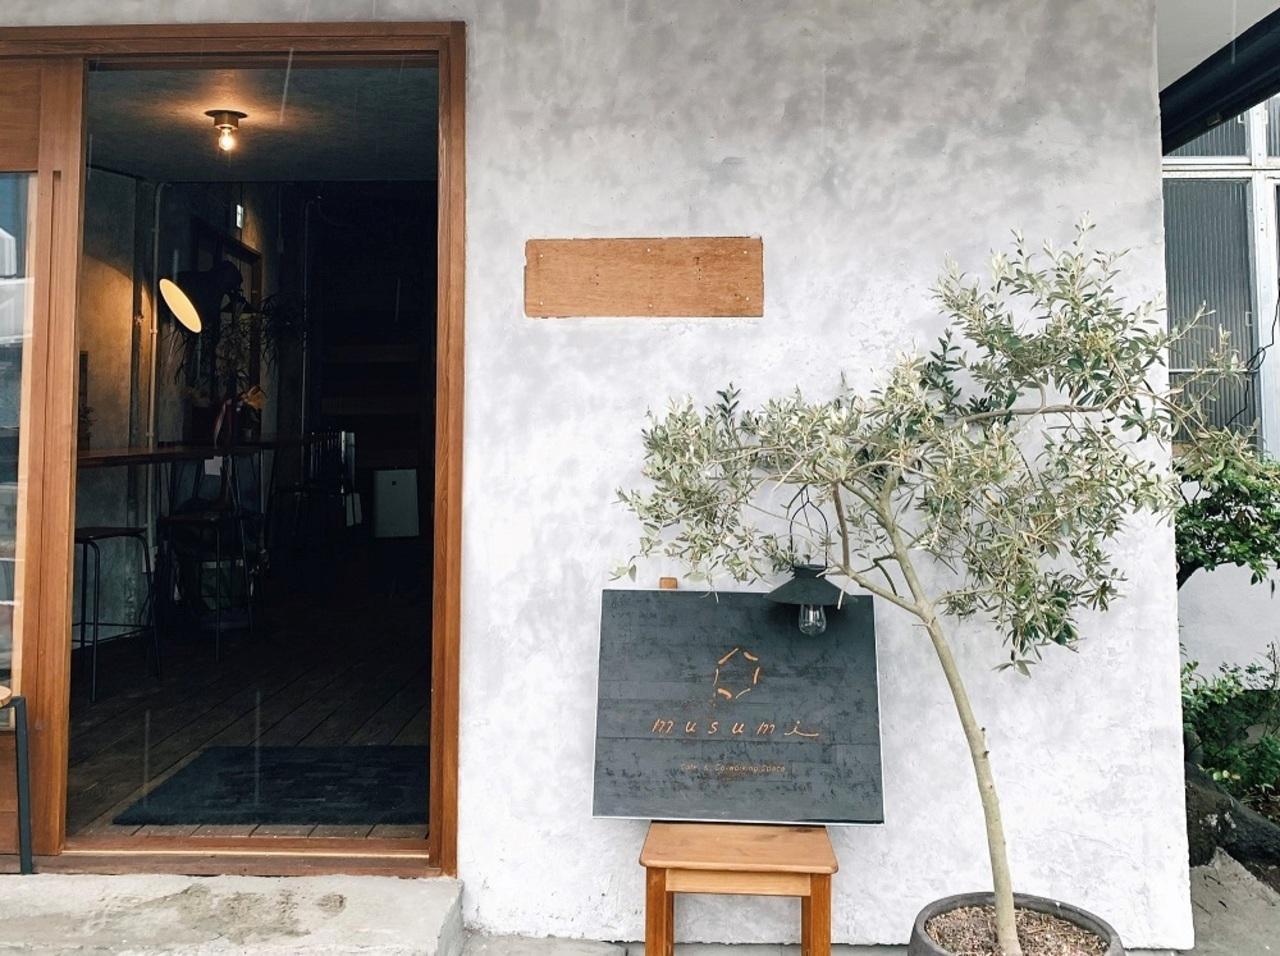 祝!4/29移転プレopen『ムスミ』カフェ(宮崎県小林市)